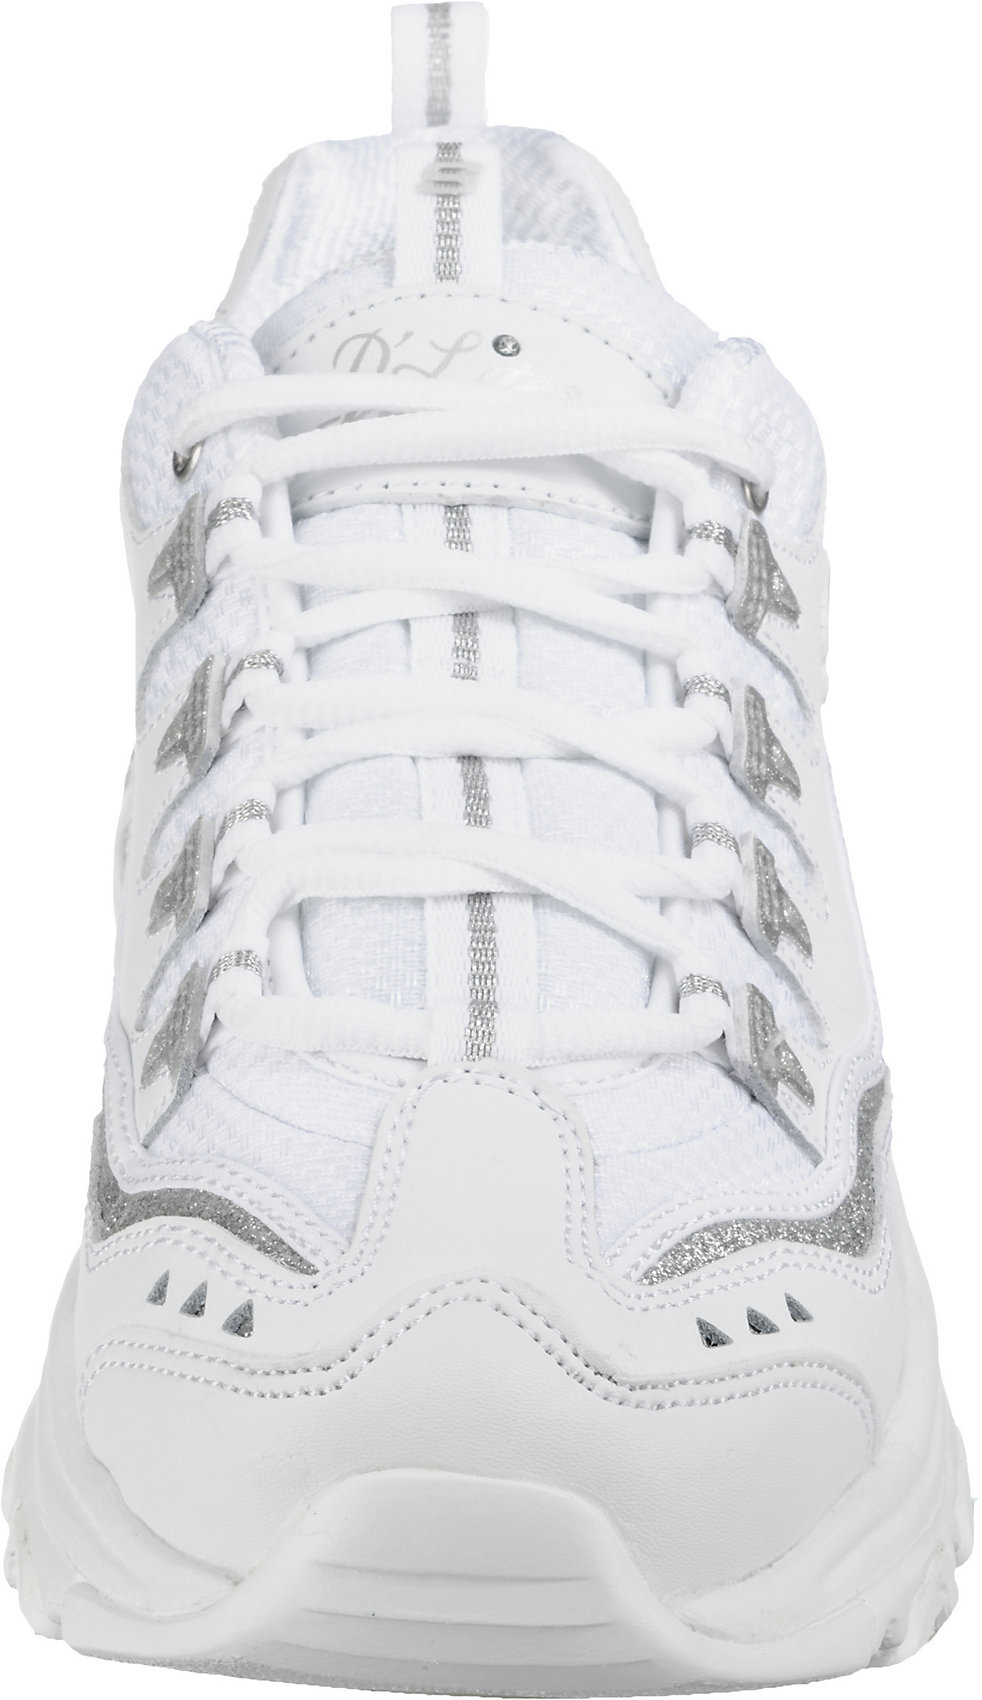 SKECHERS, D'LITES NOW & THEN Sneakers Low, weiß